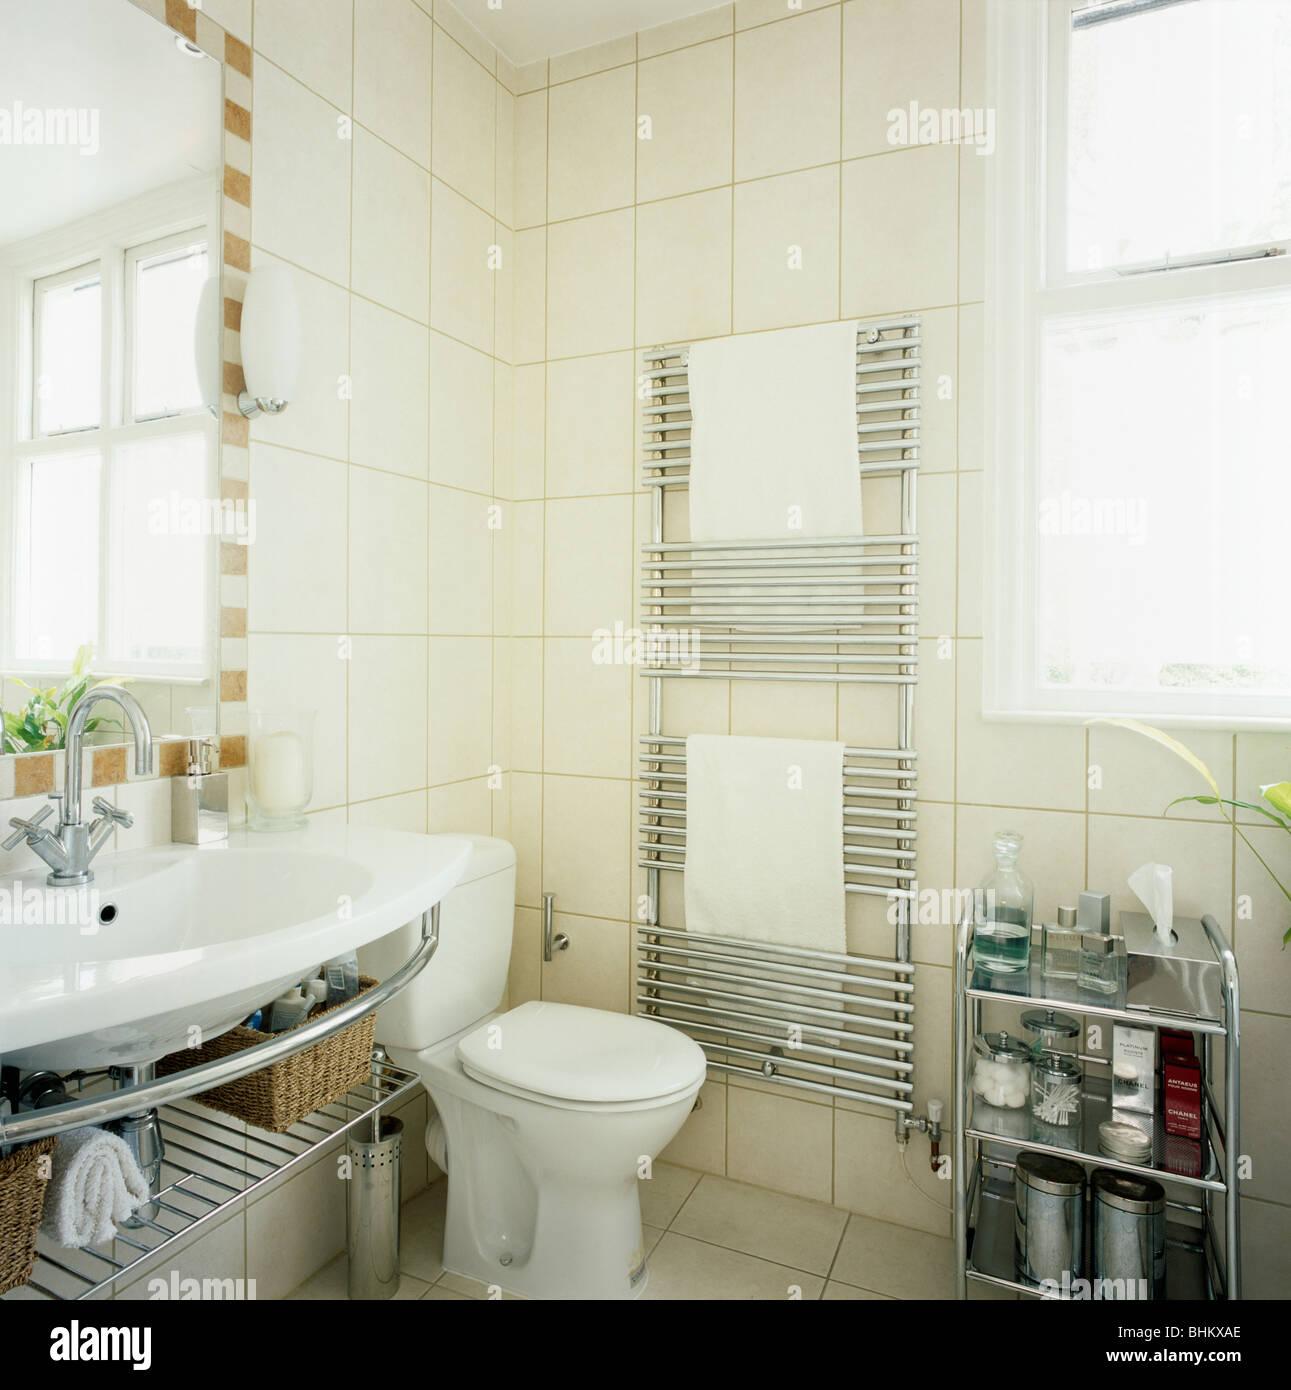 Vertical stainless steel radiator in modern white tiled bathroom ...